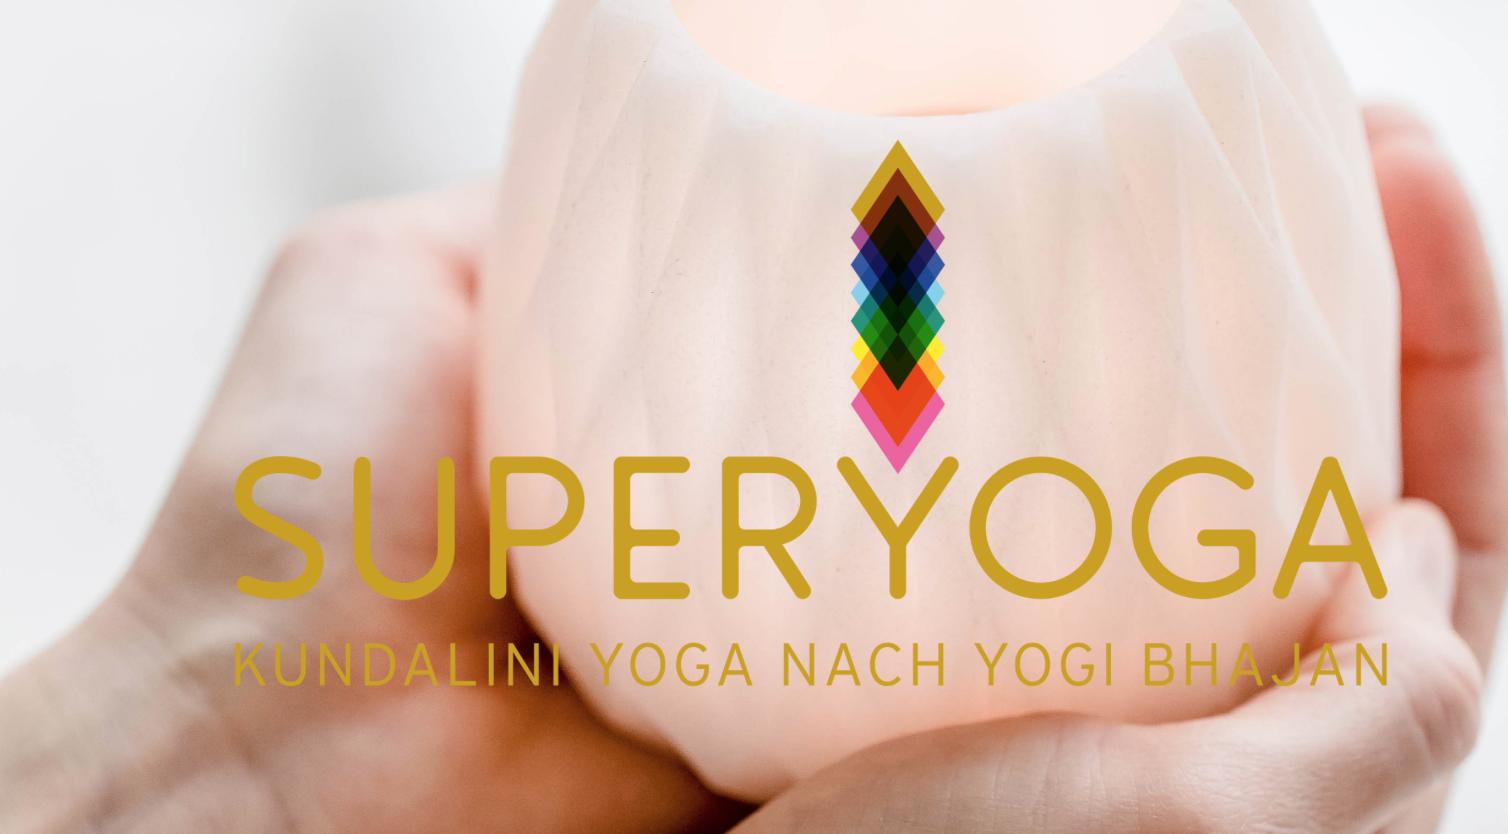 Super Yoga